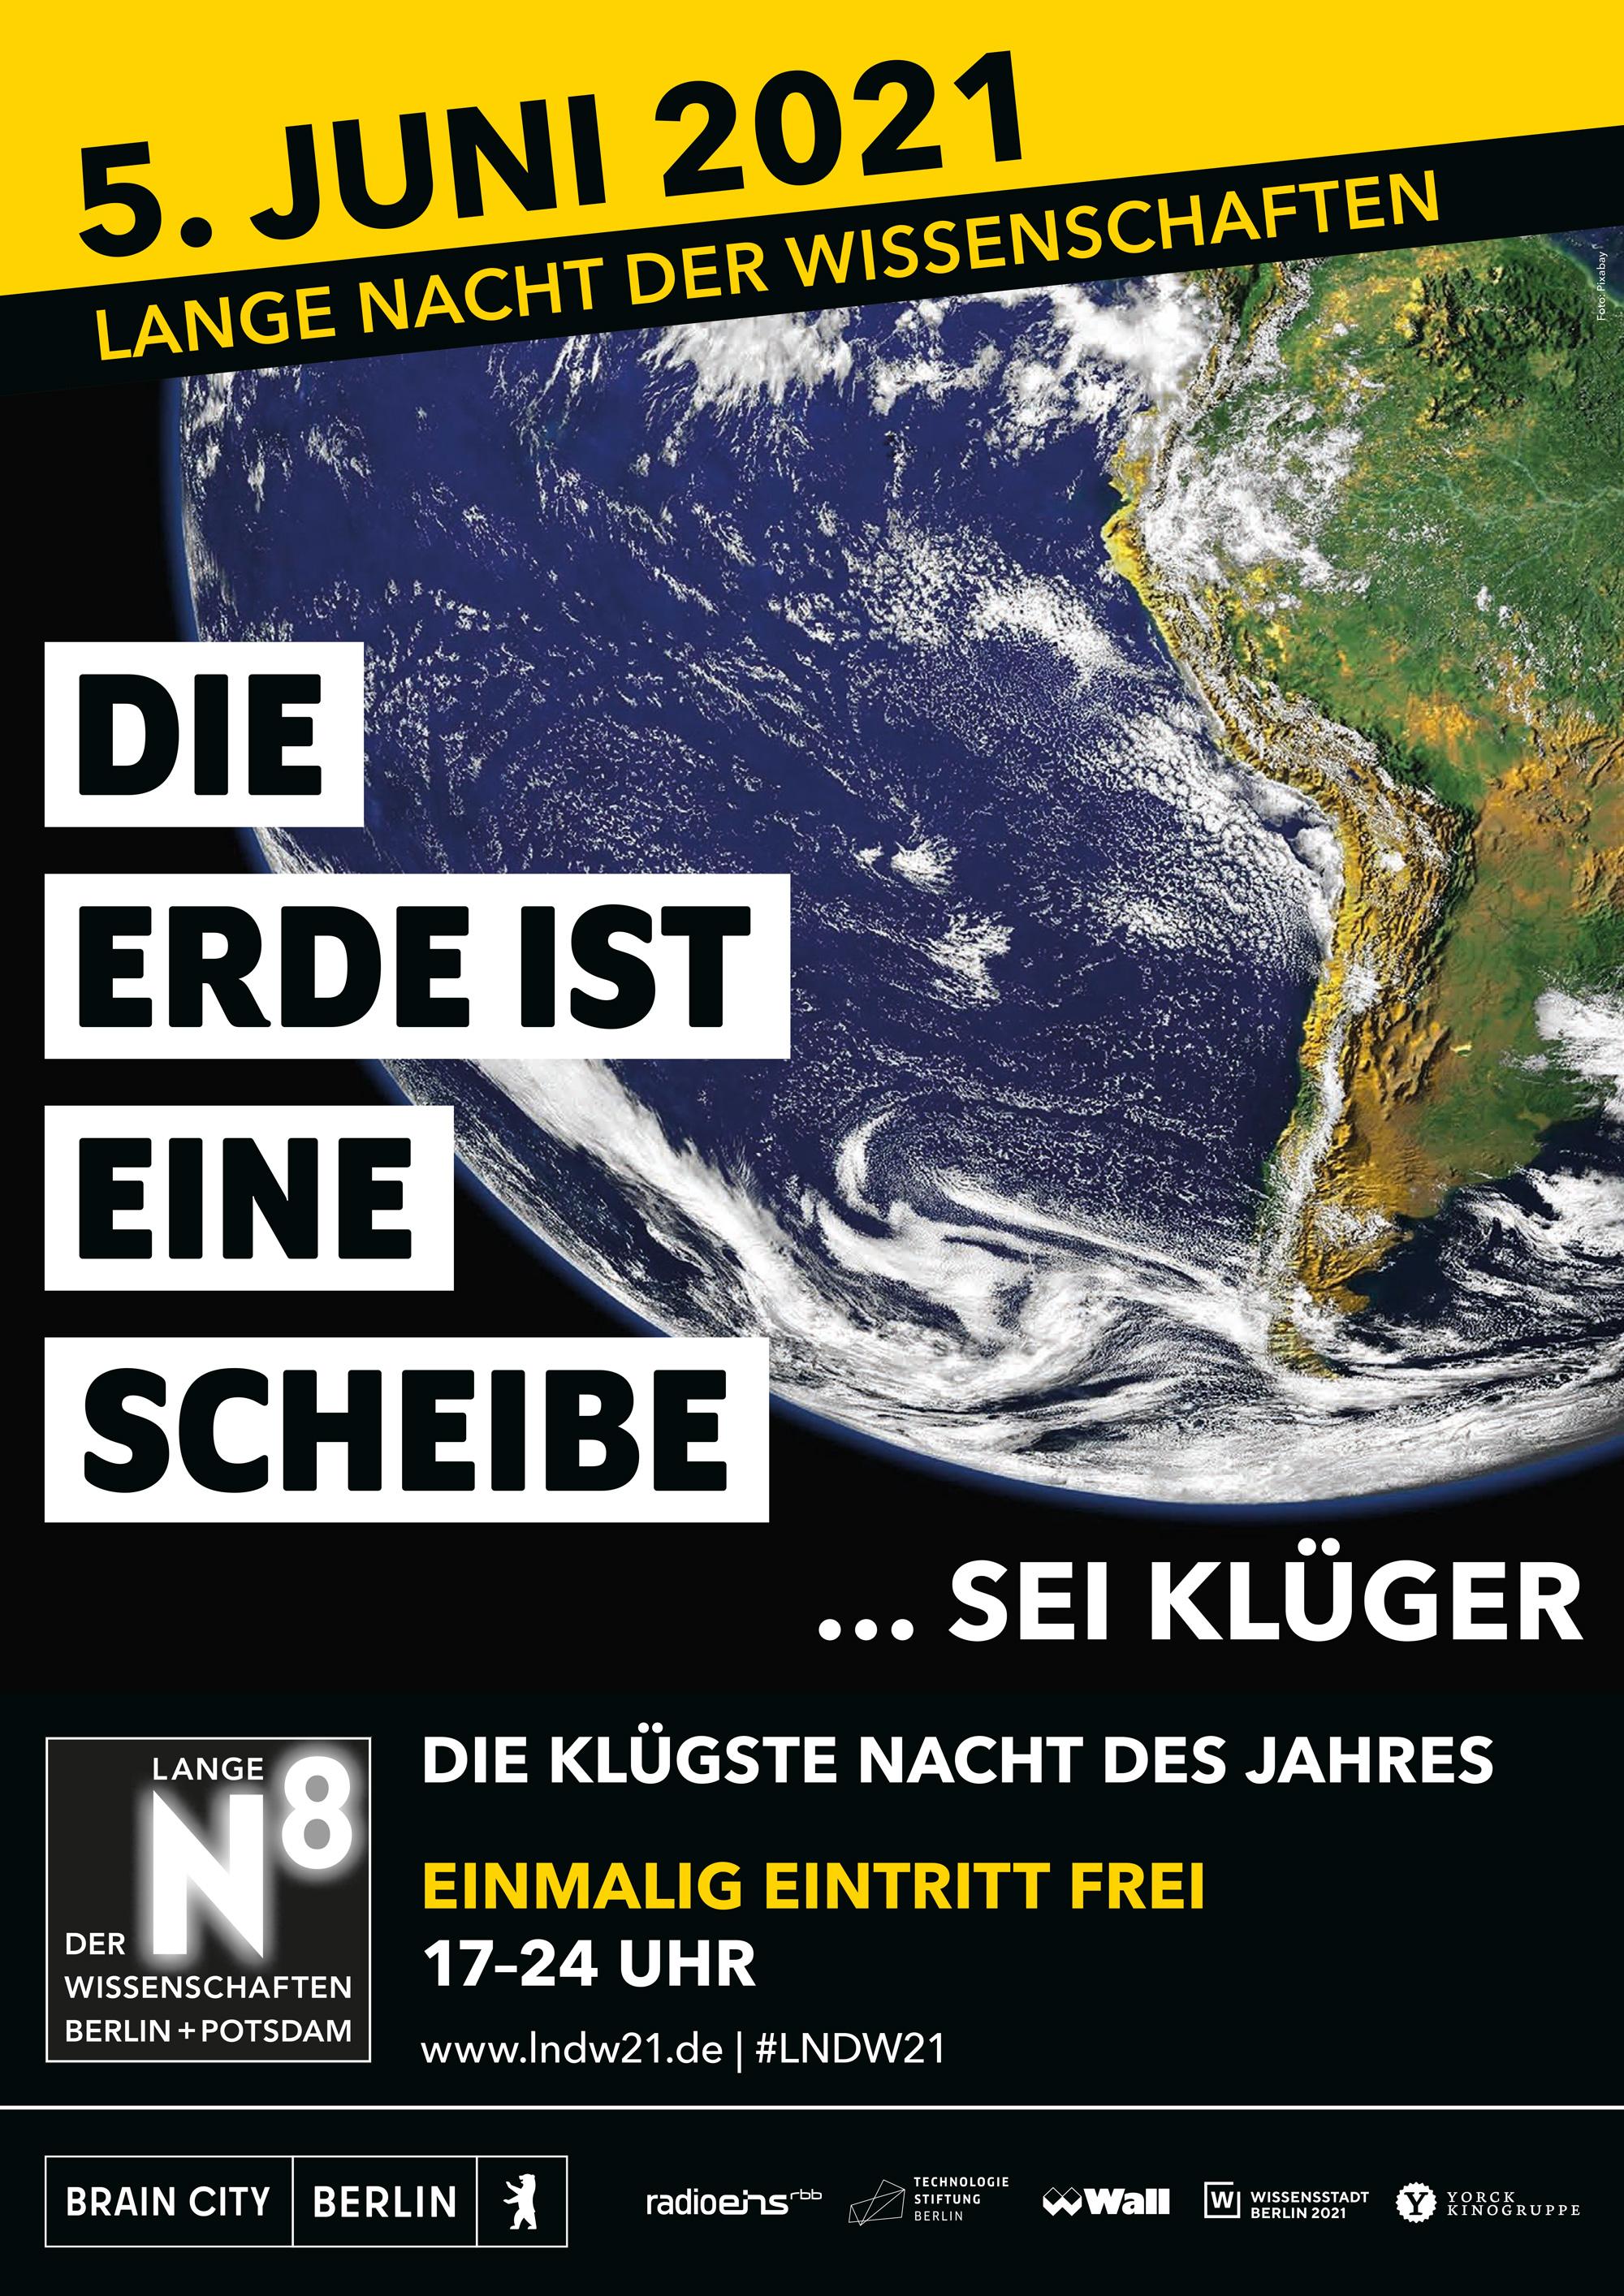 LNDW; Kampagne; Fake News; Lange Nacht der Wissenschaften Berlin